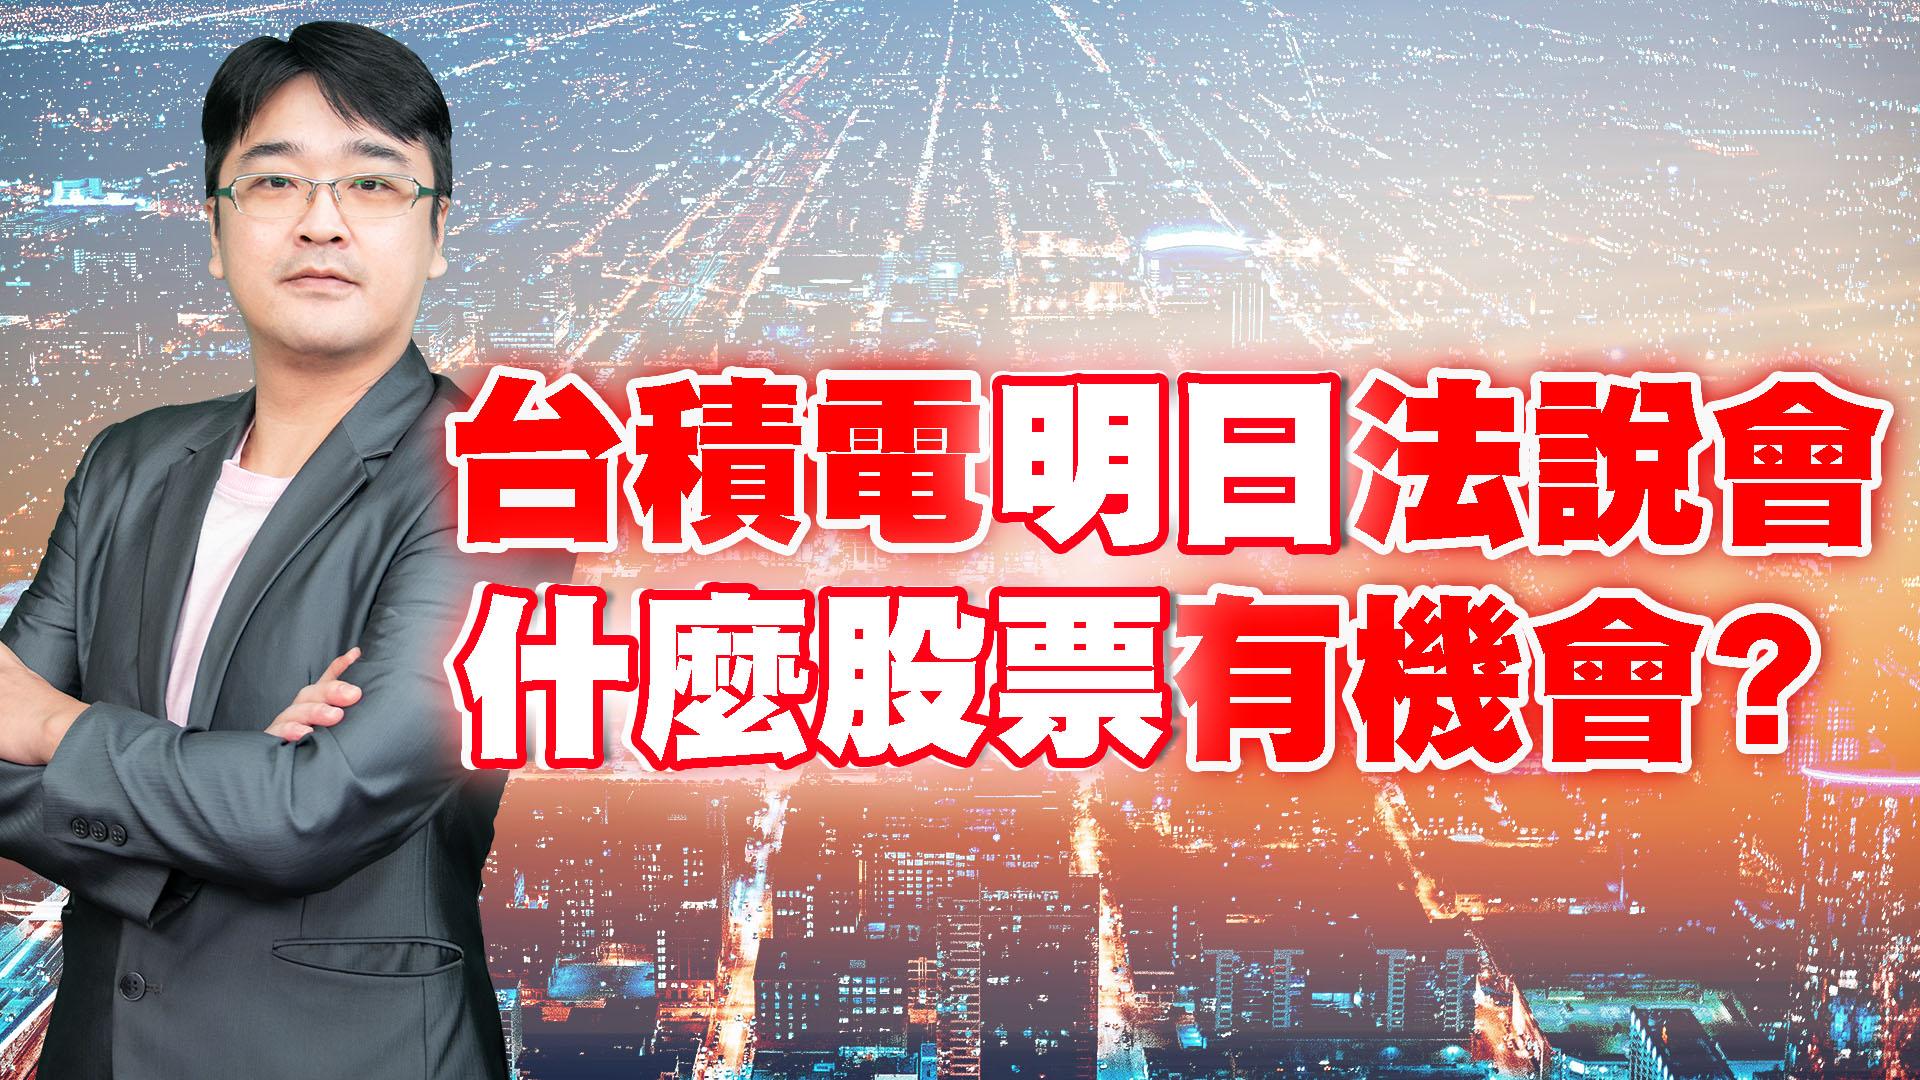 0113_台積電明日法說會 什麼股票有機會?